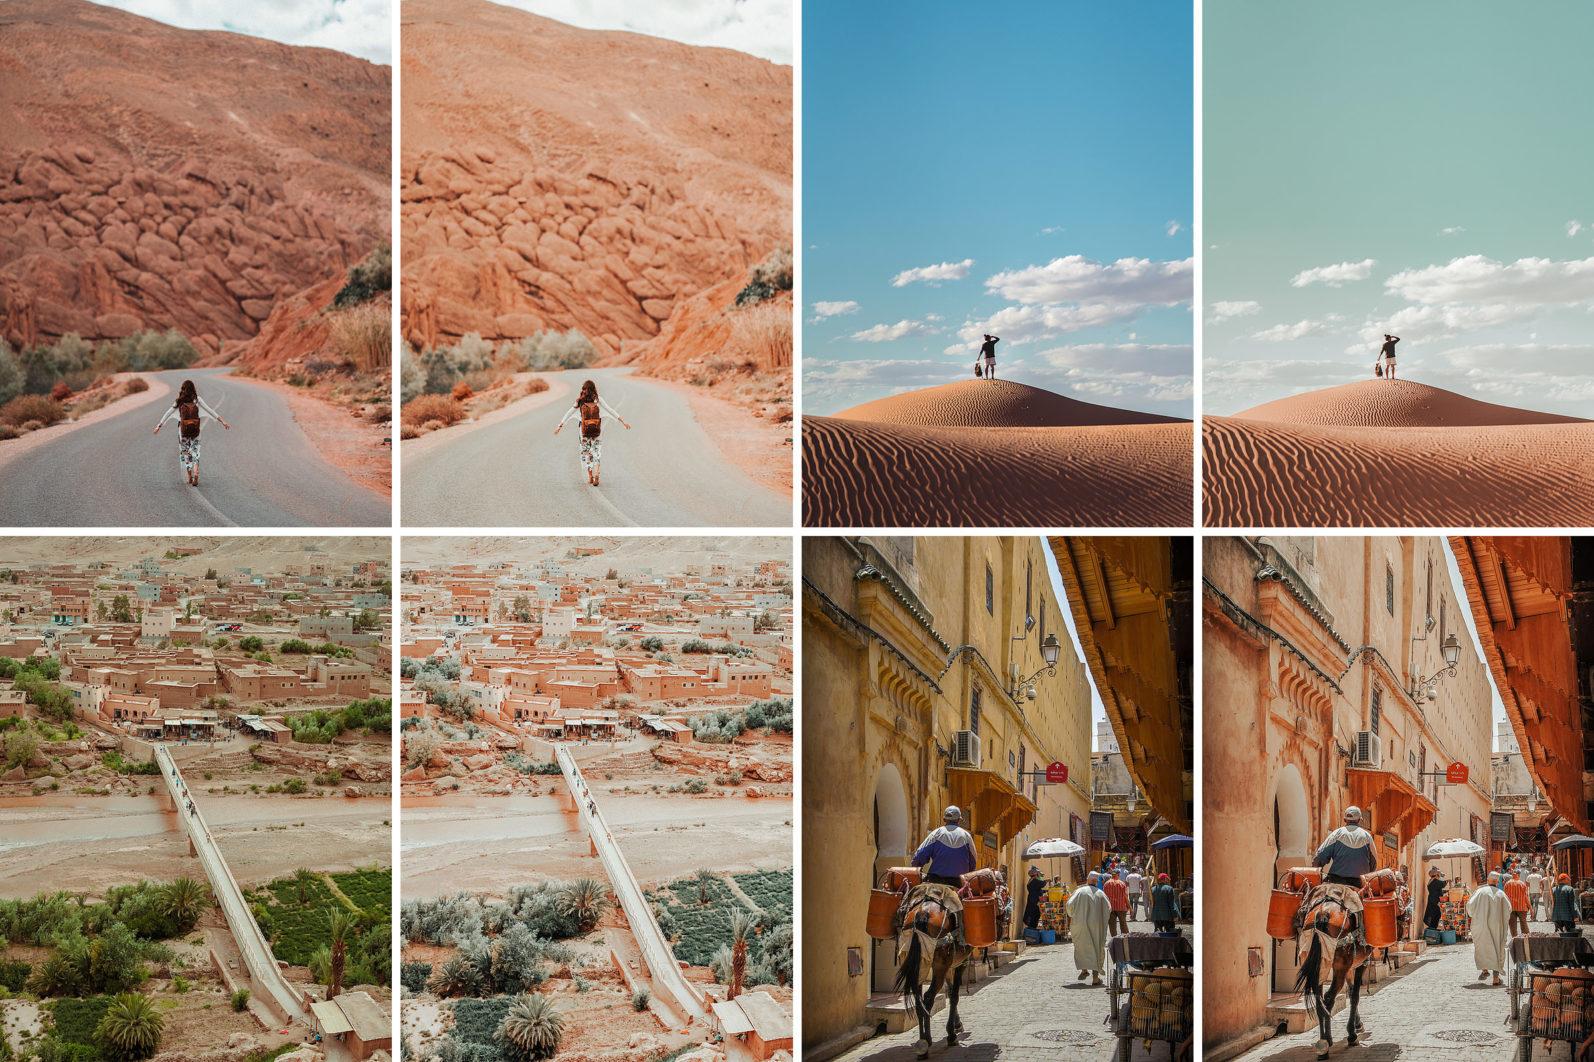 55. Marocco Life - 55.MARROCO LIFE 5 -